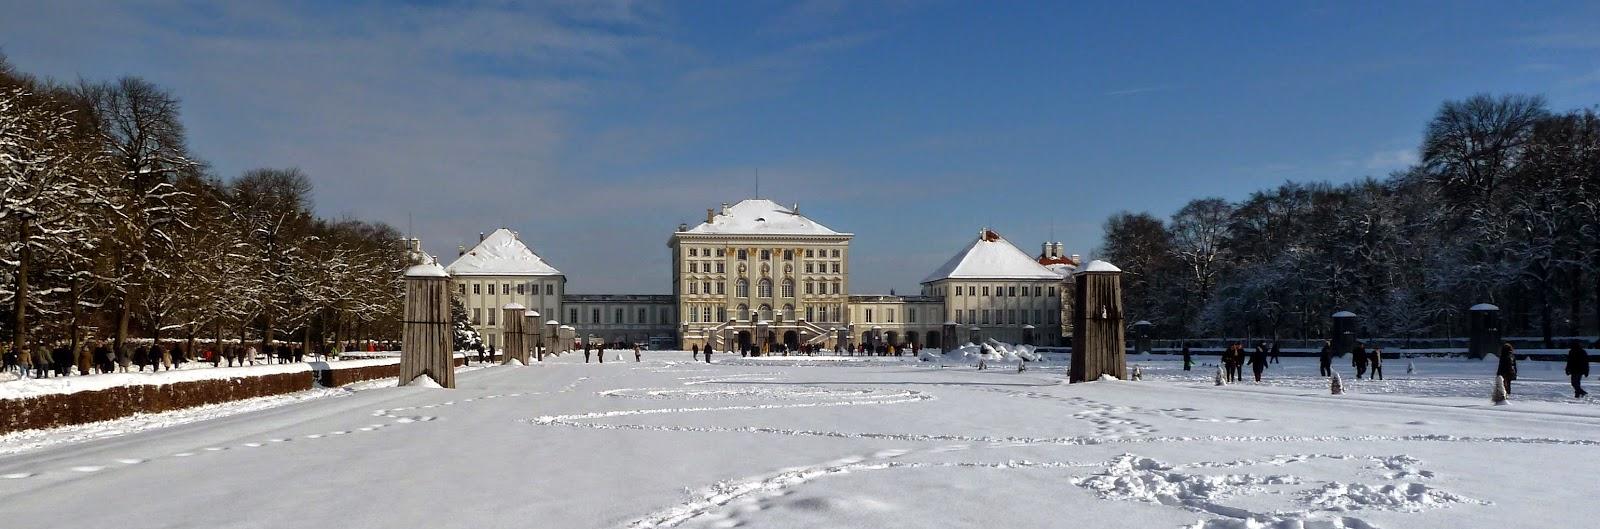 Chateau Nymphenburg, la résidence d'été des rois de Bavière à Munich 36